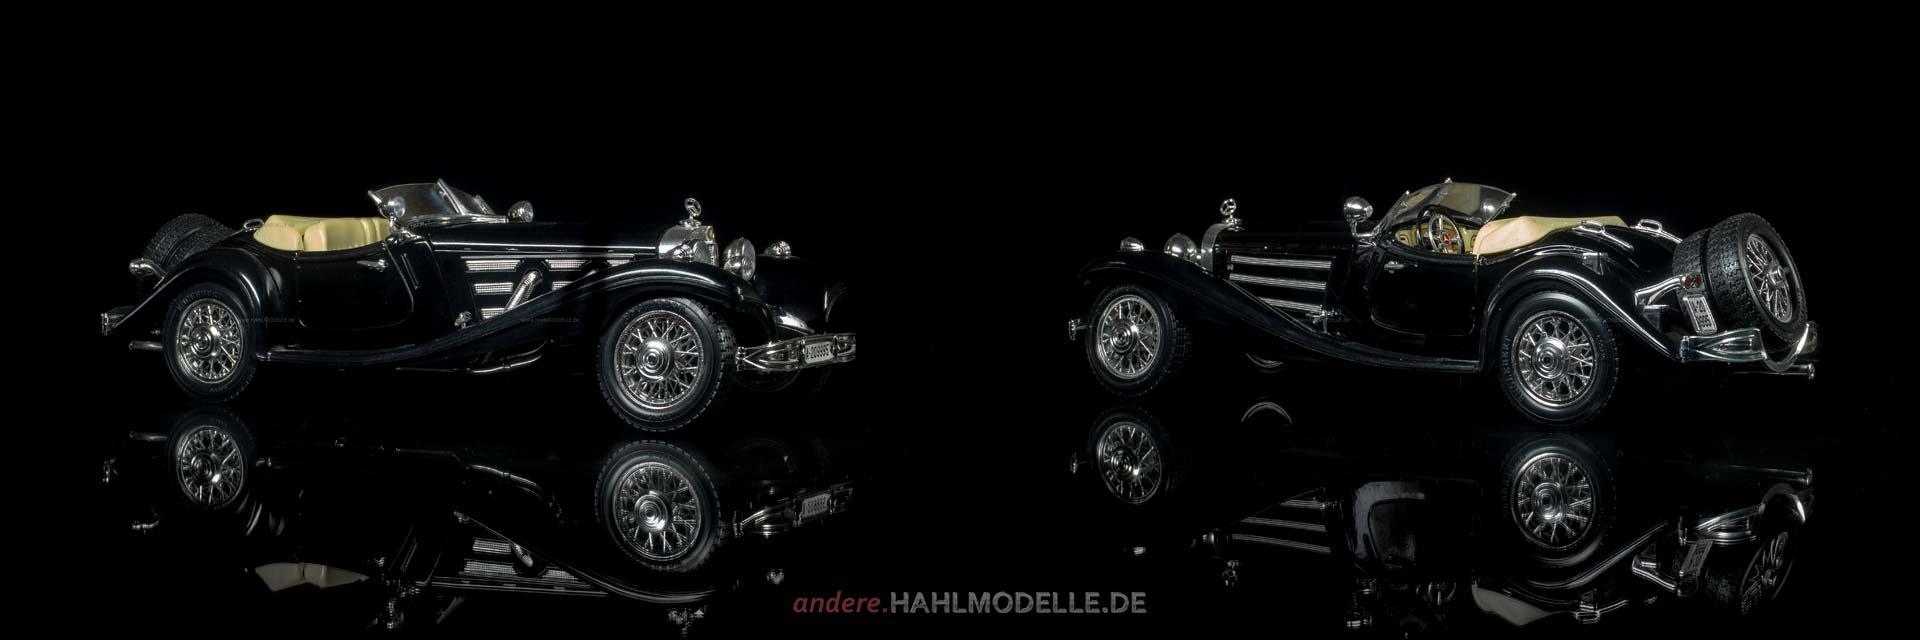 Mercedes-Benz 500 K (W 29) | Roadster | Bburago | www.andere.hahlmodelle.de